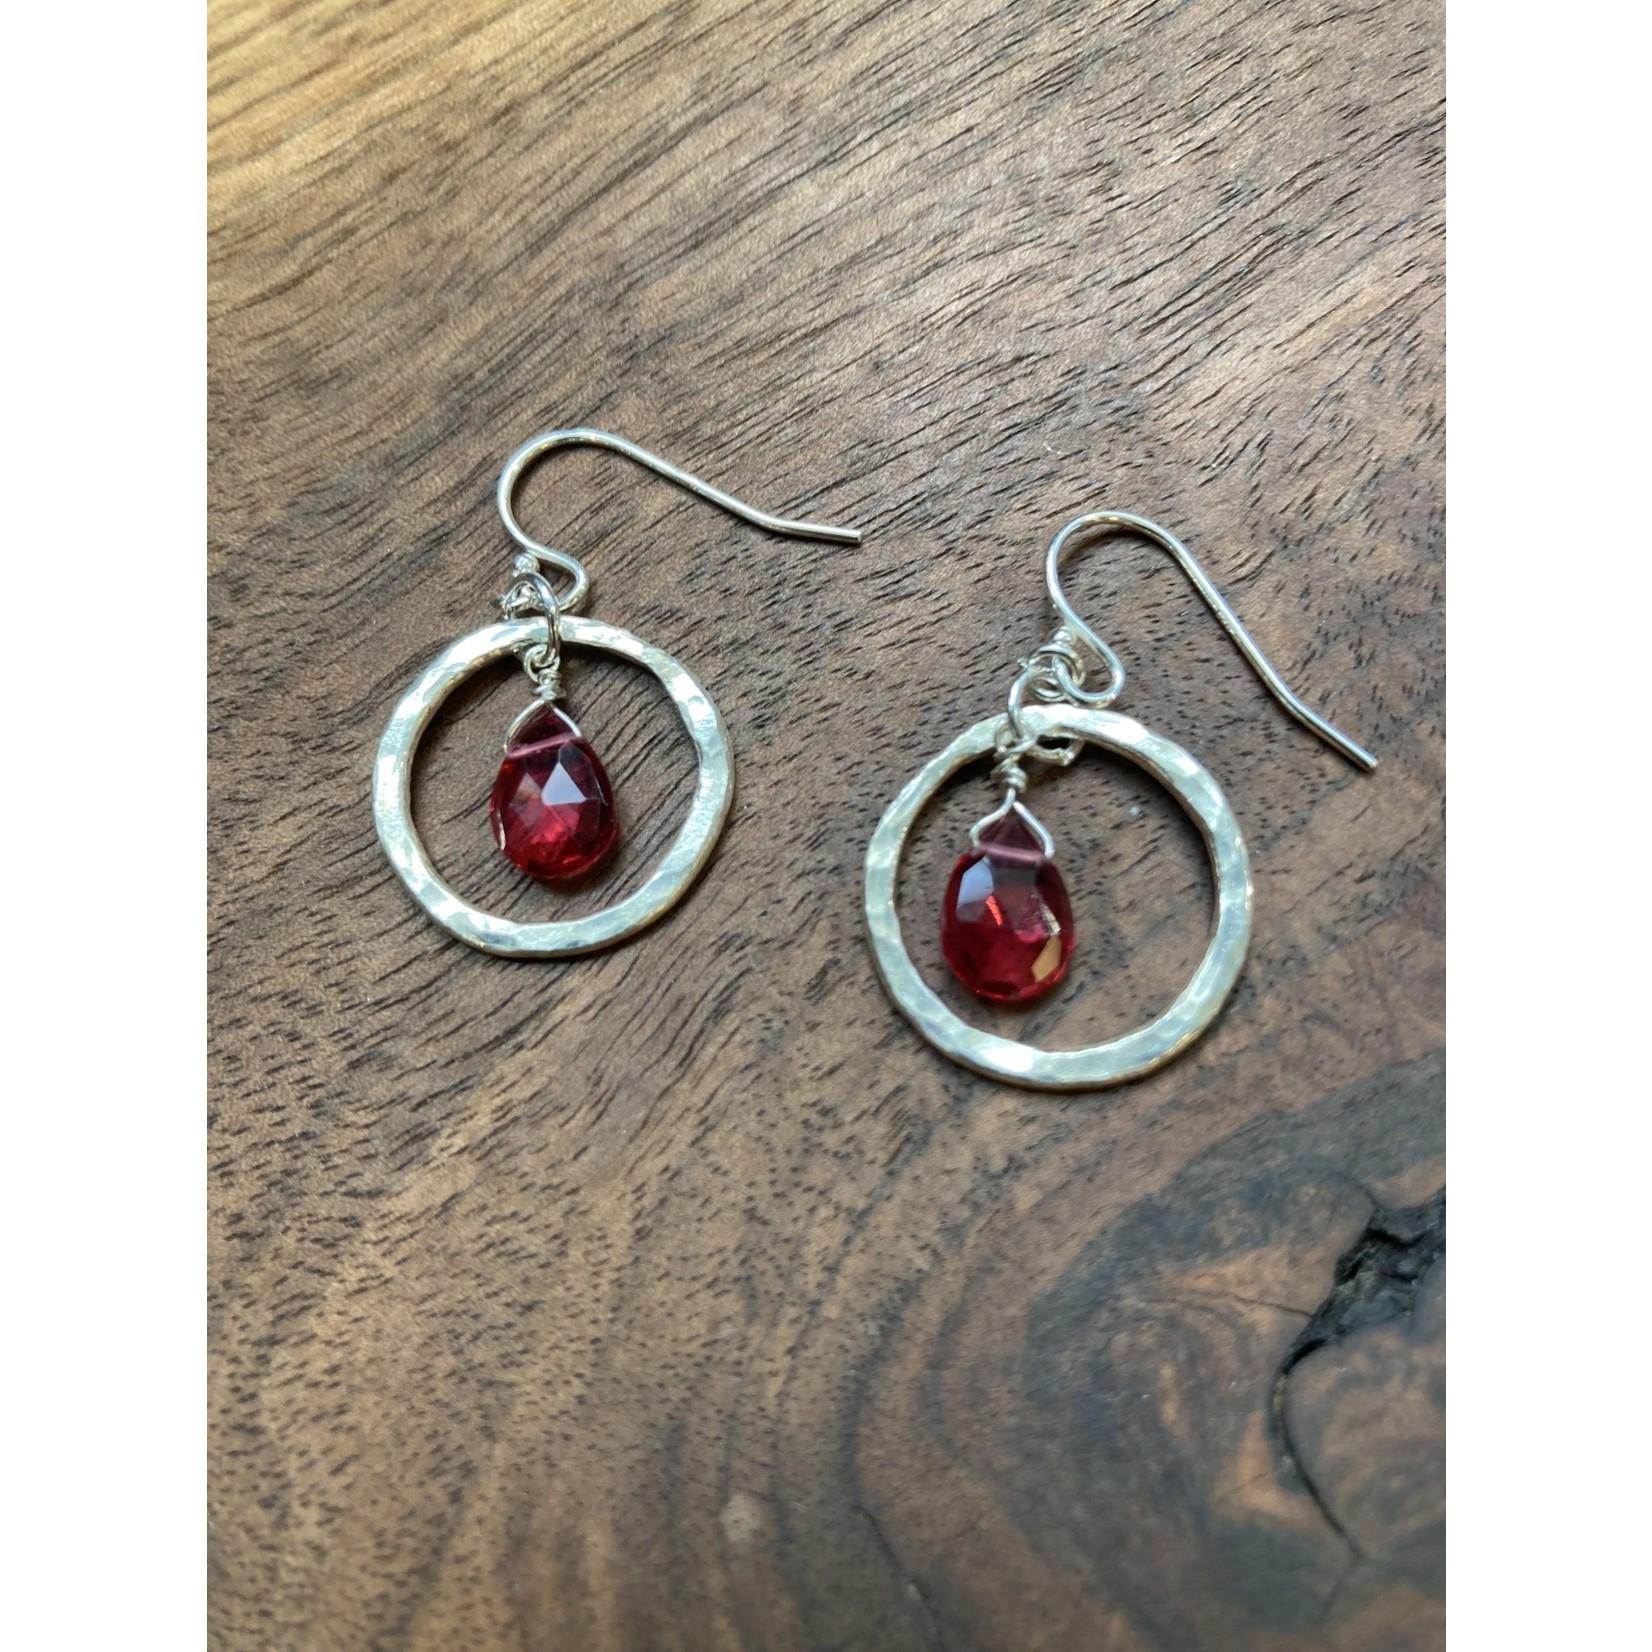 Jeanne Shuff Jeanne Marie Jewelry   #4 Fine Silver Ring Earrings w. Fuchsia Drops